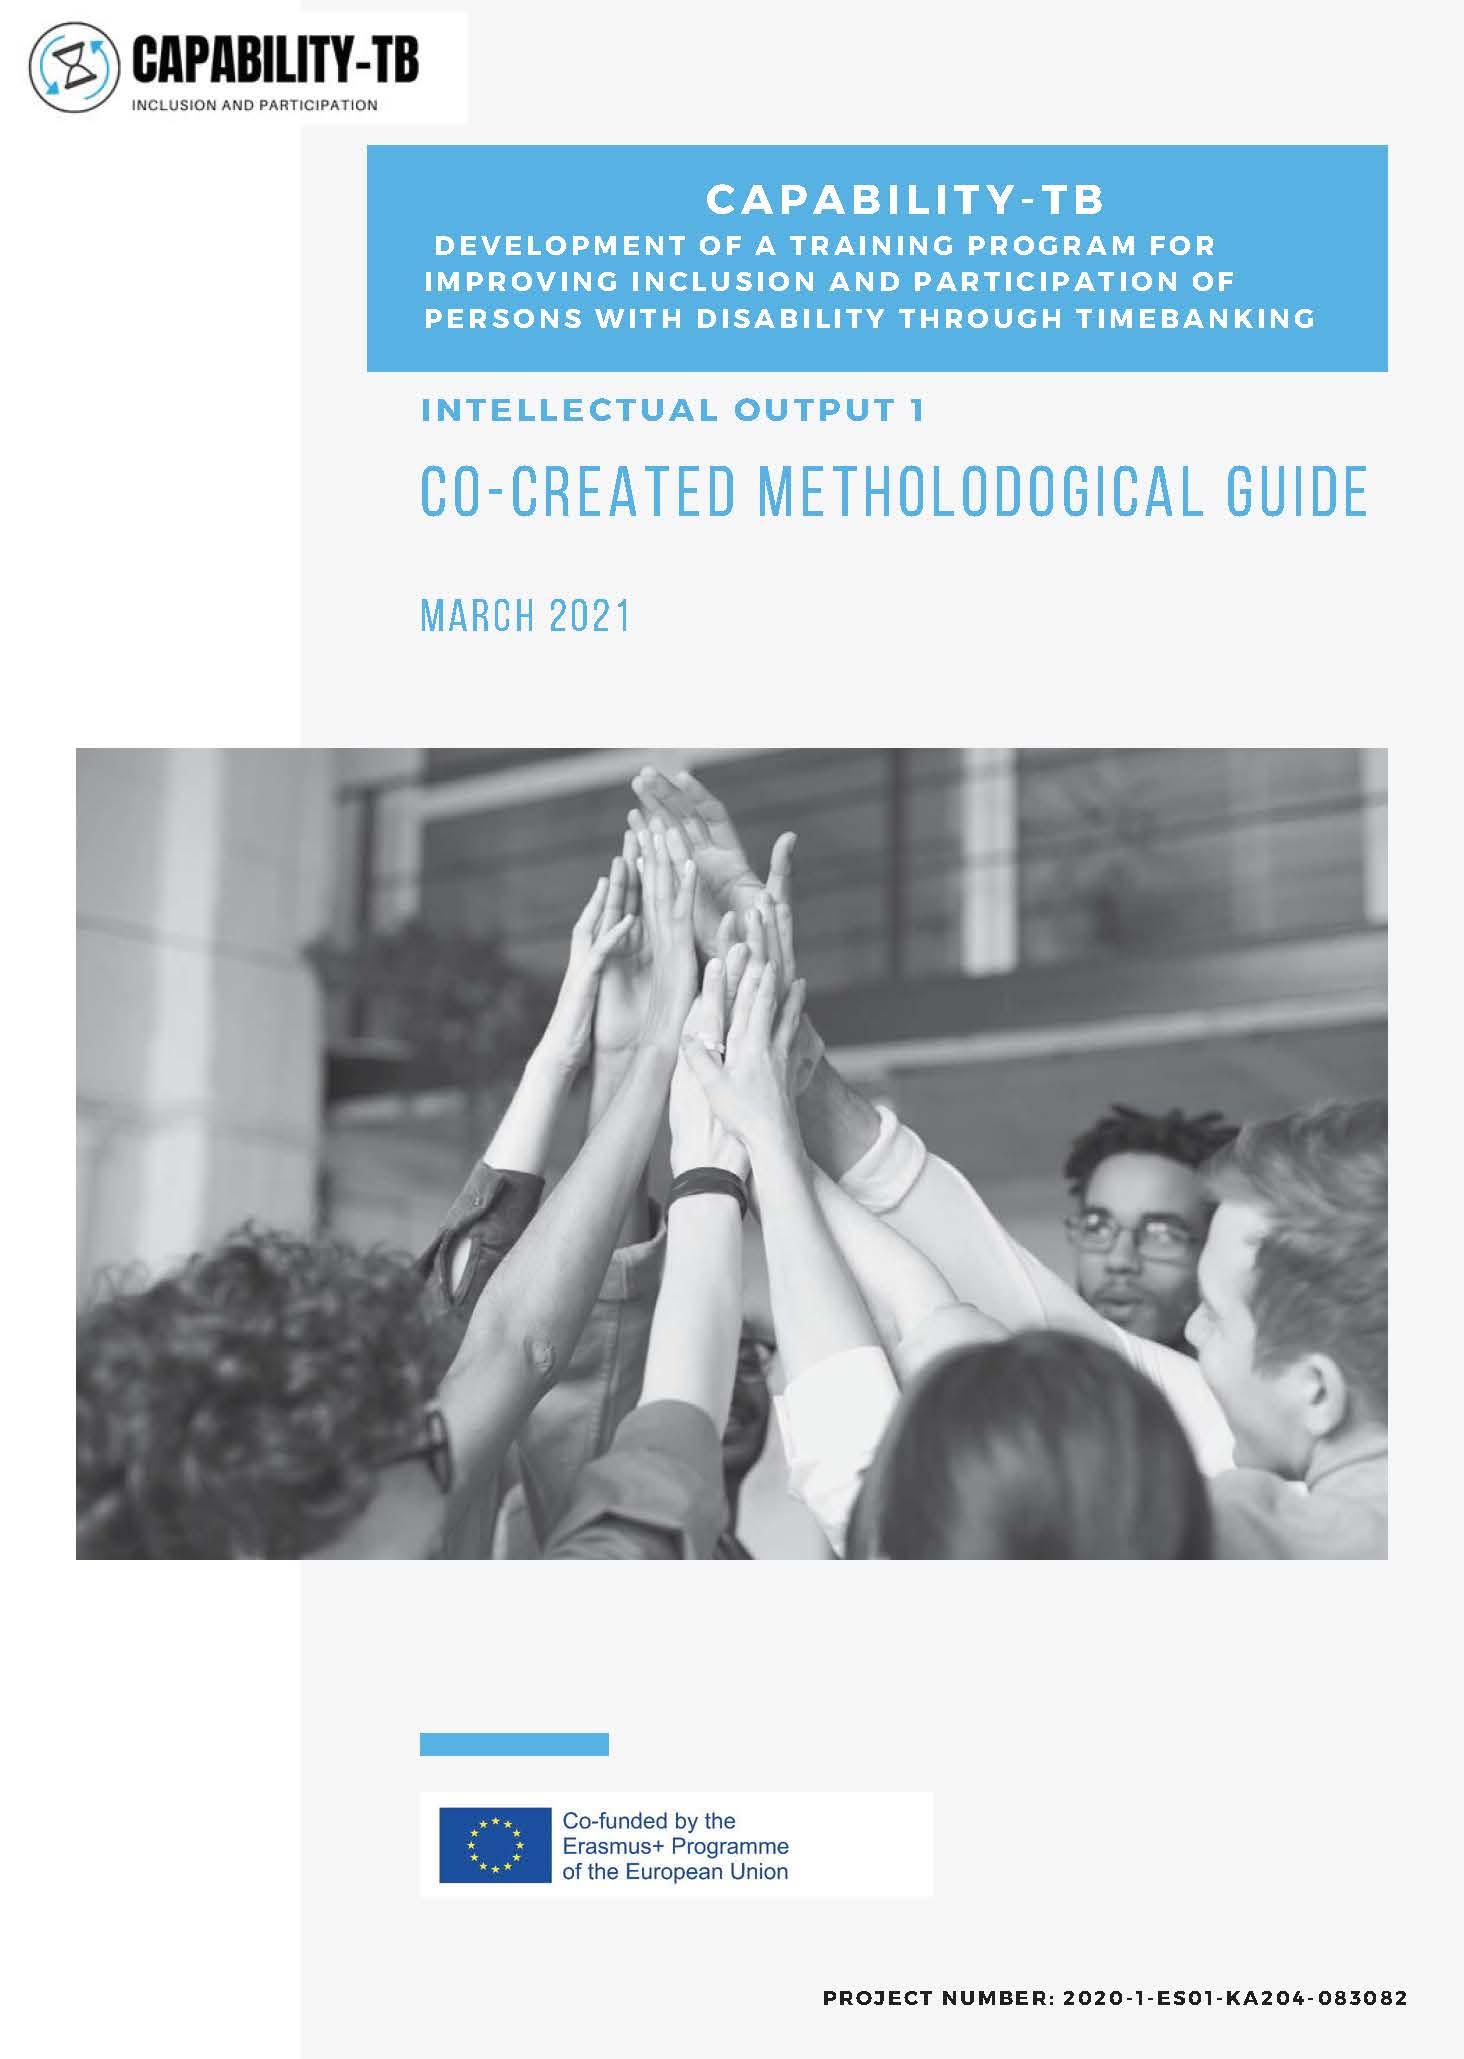 IO1.1 CAPABILITY-TB co-created methodological guide